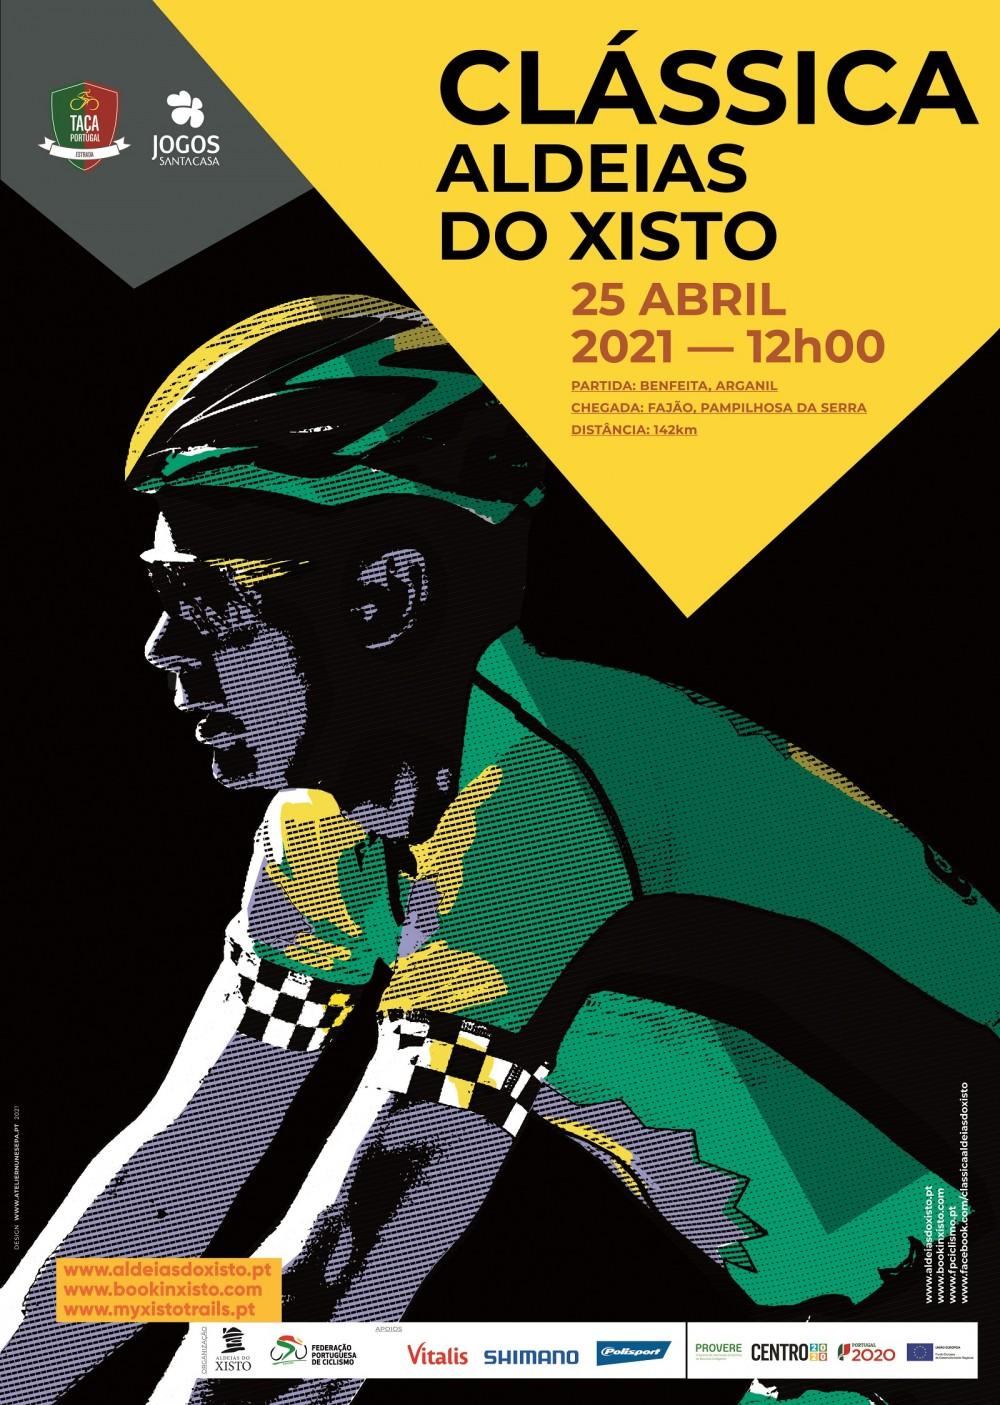 Clássica Aldeias do Xisto - Taça de Portugal Jogos Santa Casa